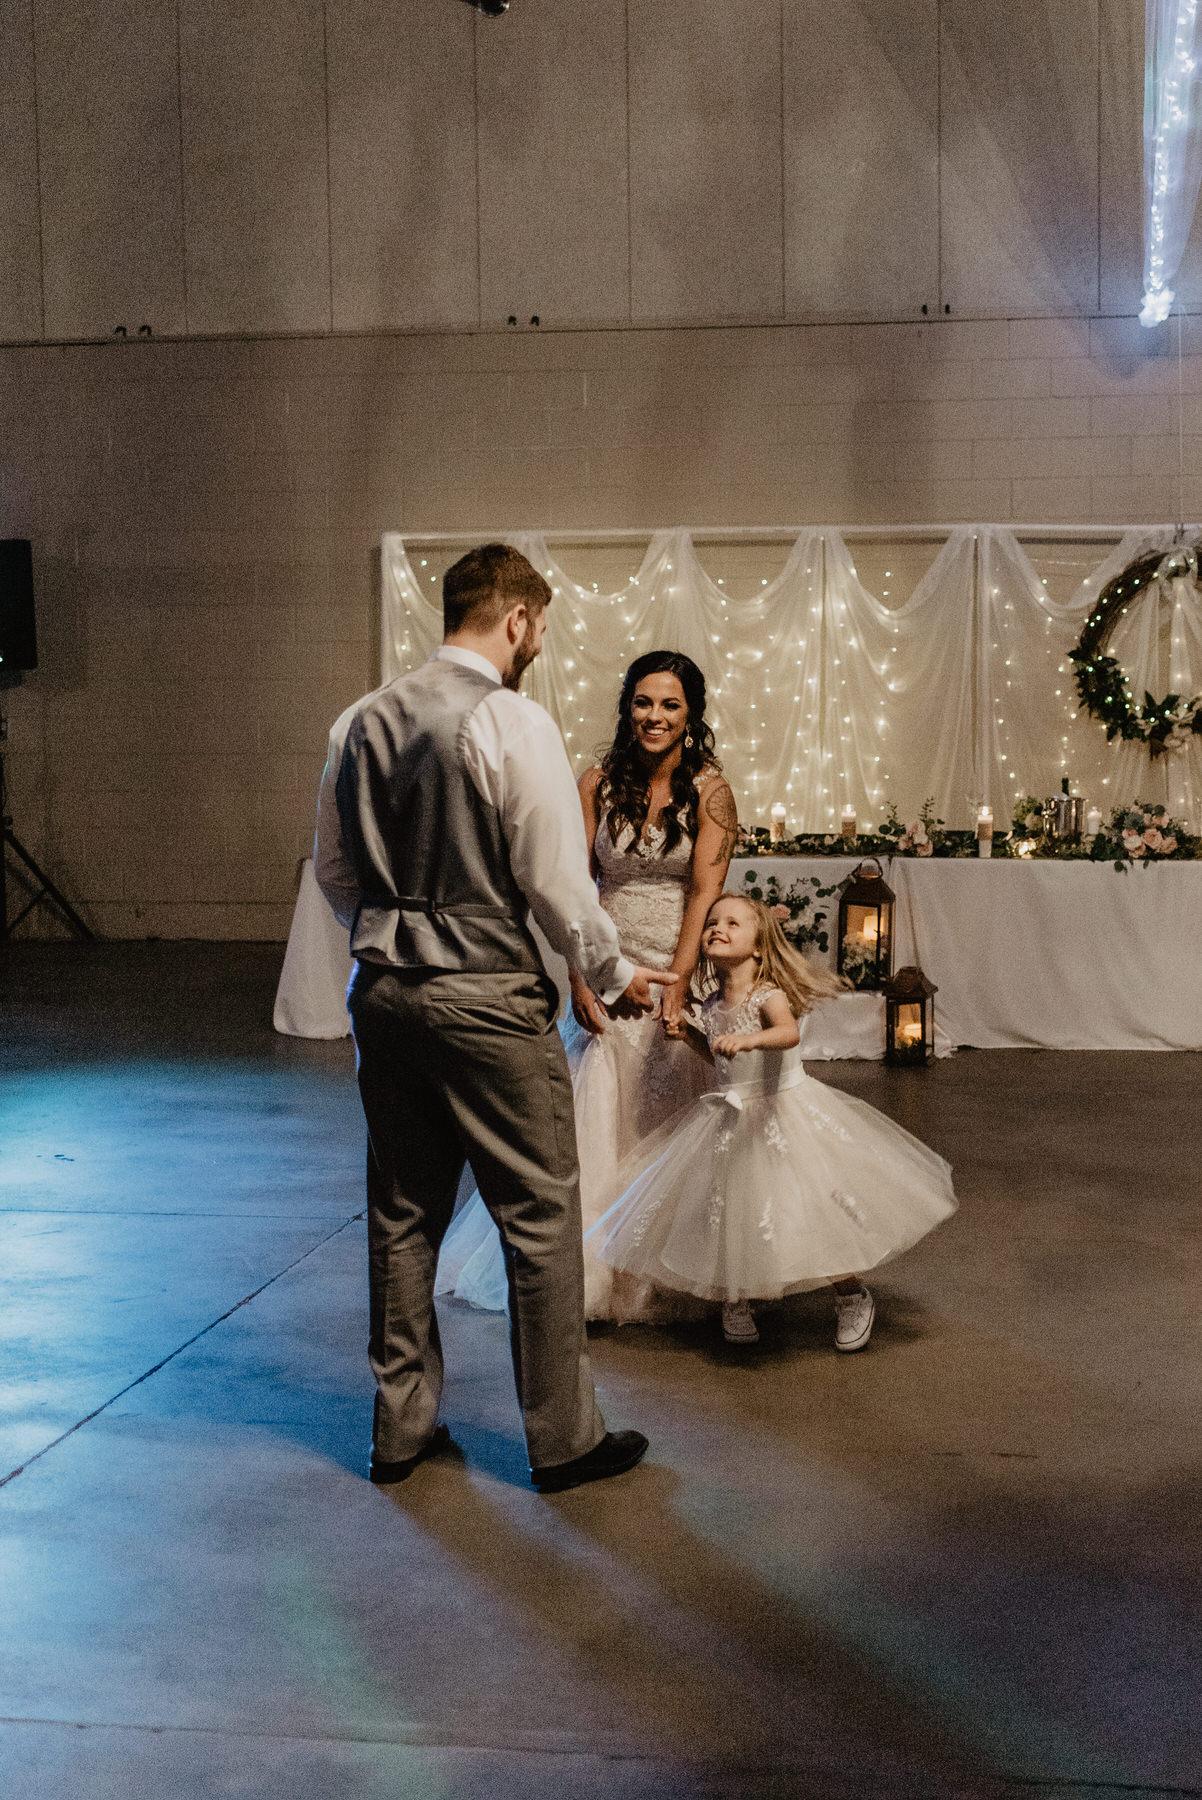 Kaylie-Sirek-Photography-Kearney-Nebraska-Wedding-111.jpg